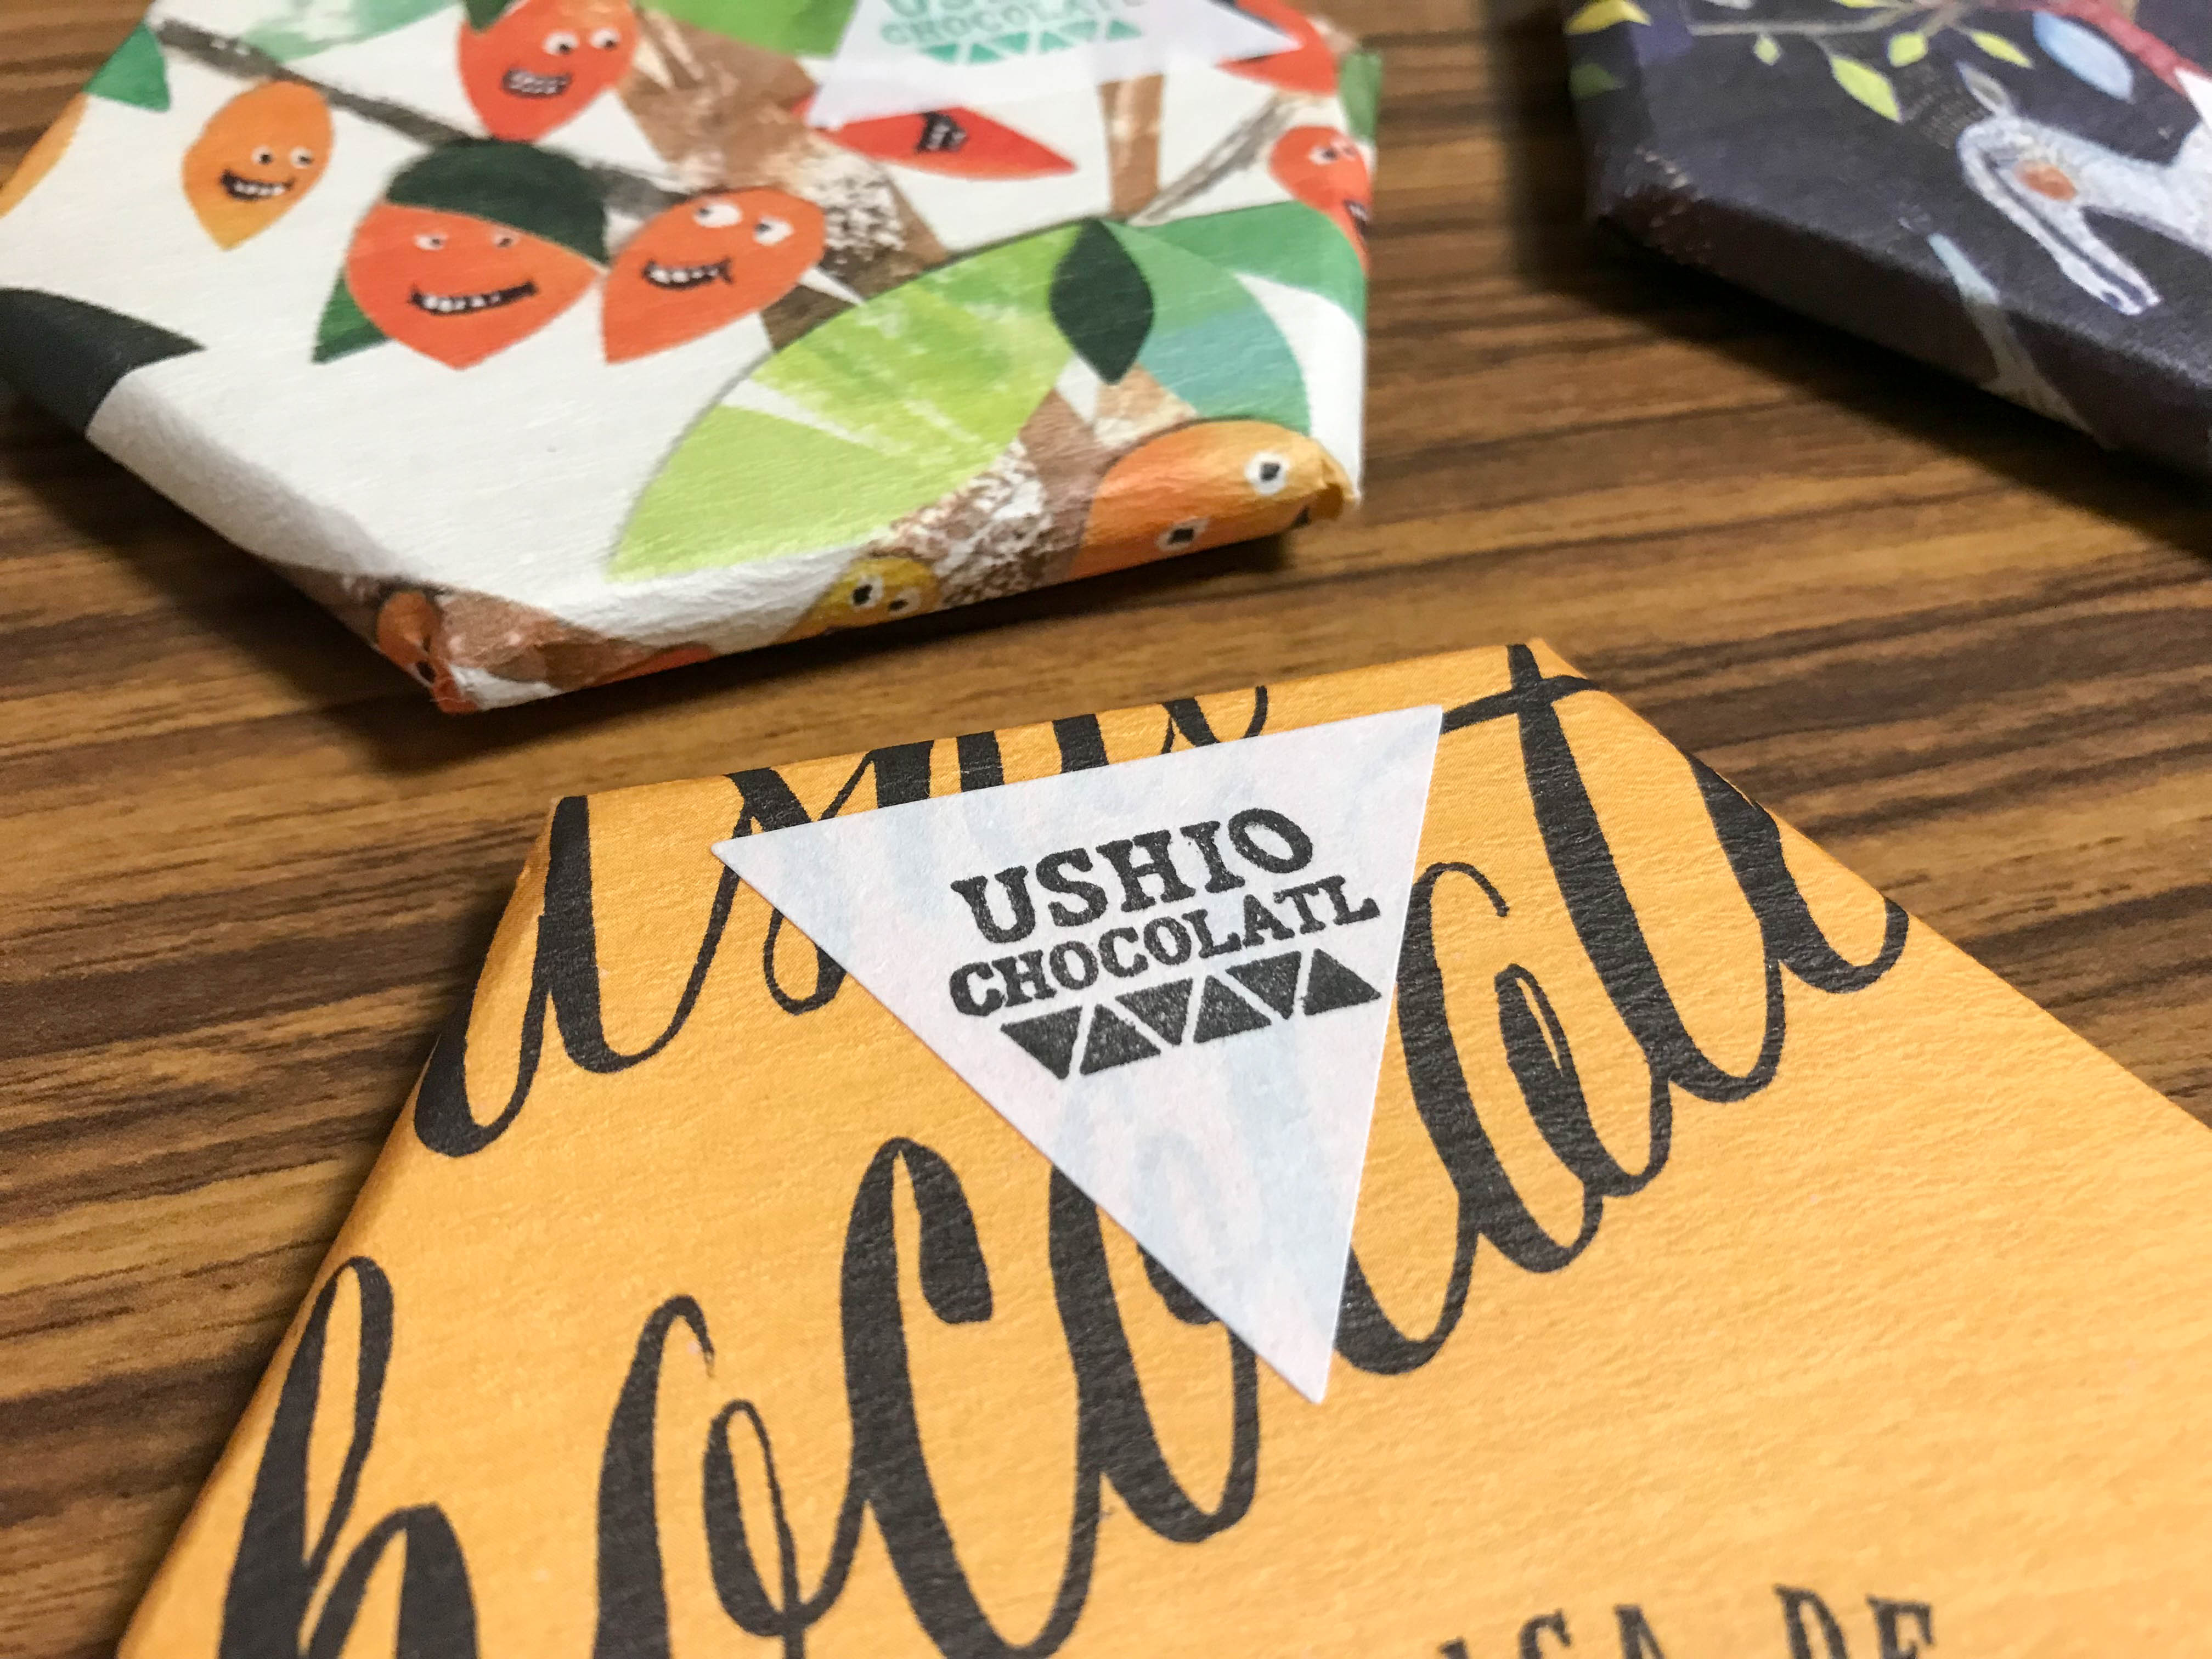 Bean to Barって知ってます?広島県向島にある『USHIO CHOCOLATL(うしお ちょこらとる)』のチョコレートが美味!